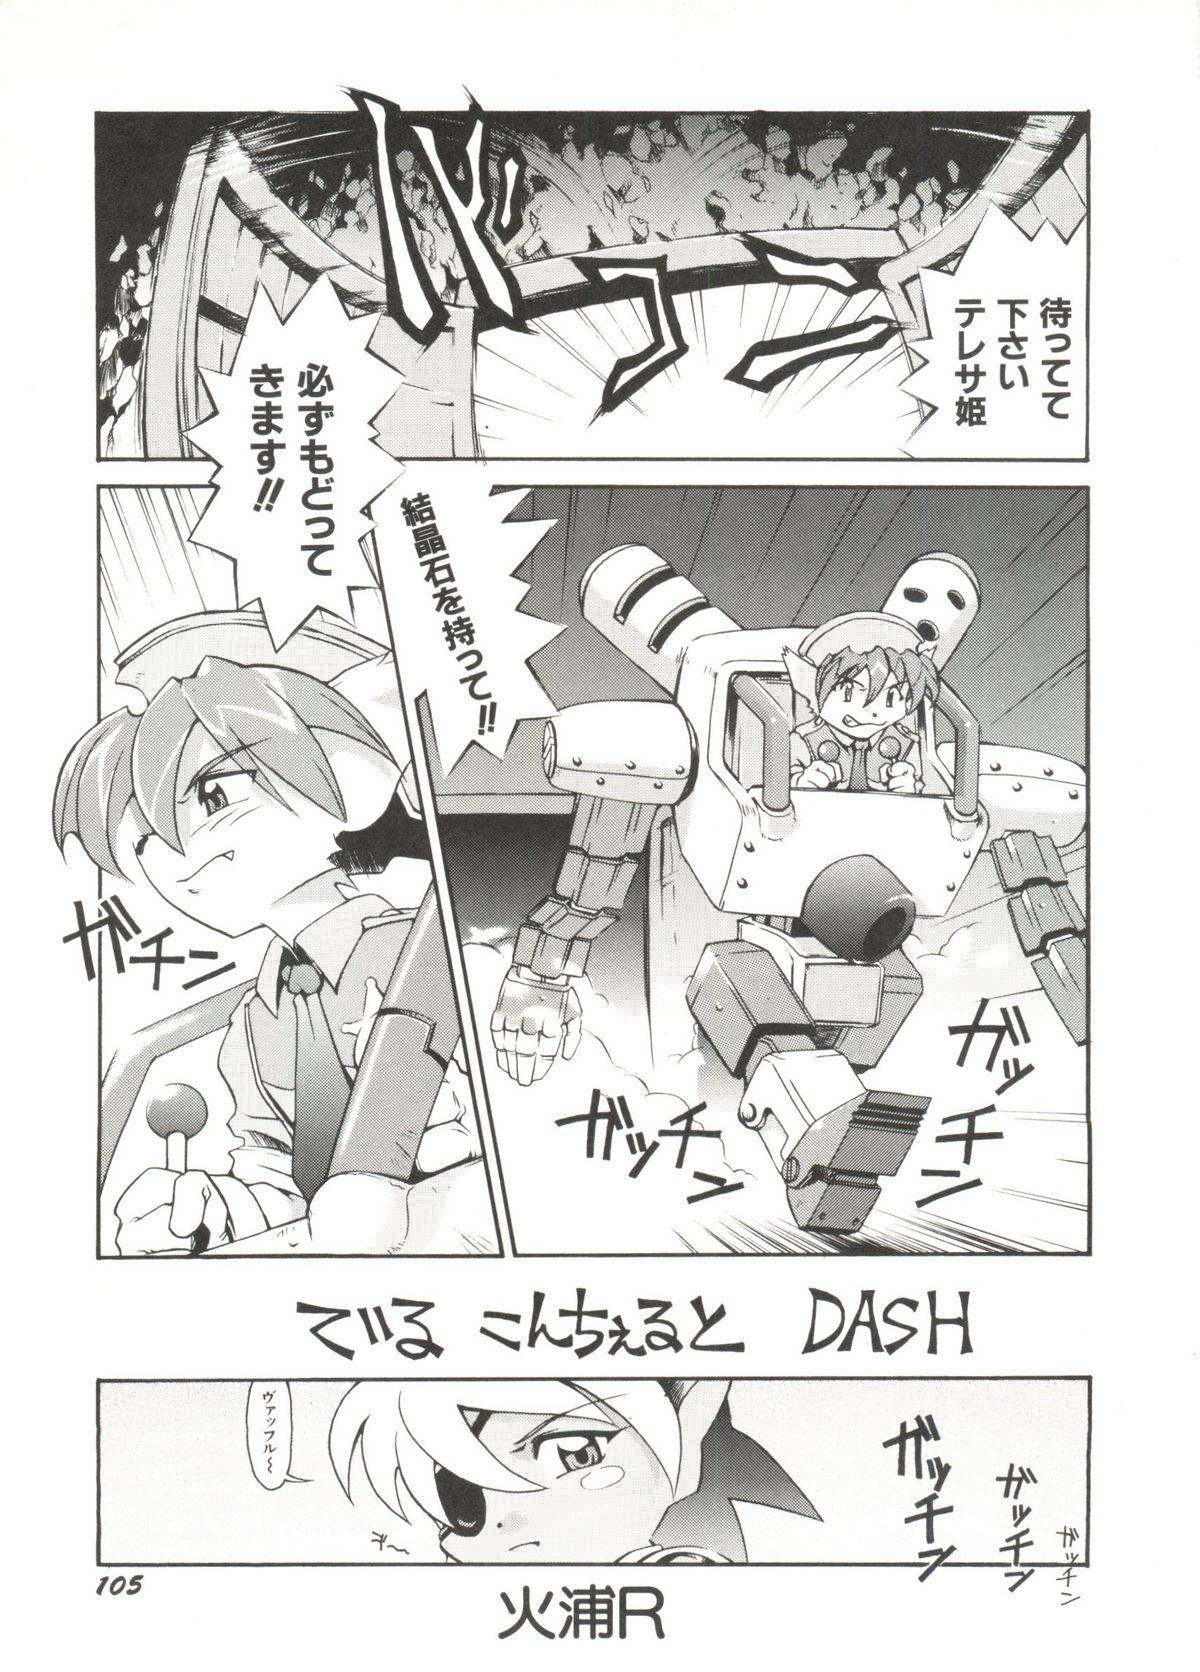 Denei Tamate Bako Bishoujo Doujinshi Anthology Vol. 2 - Nishinhou no Tenshi 106